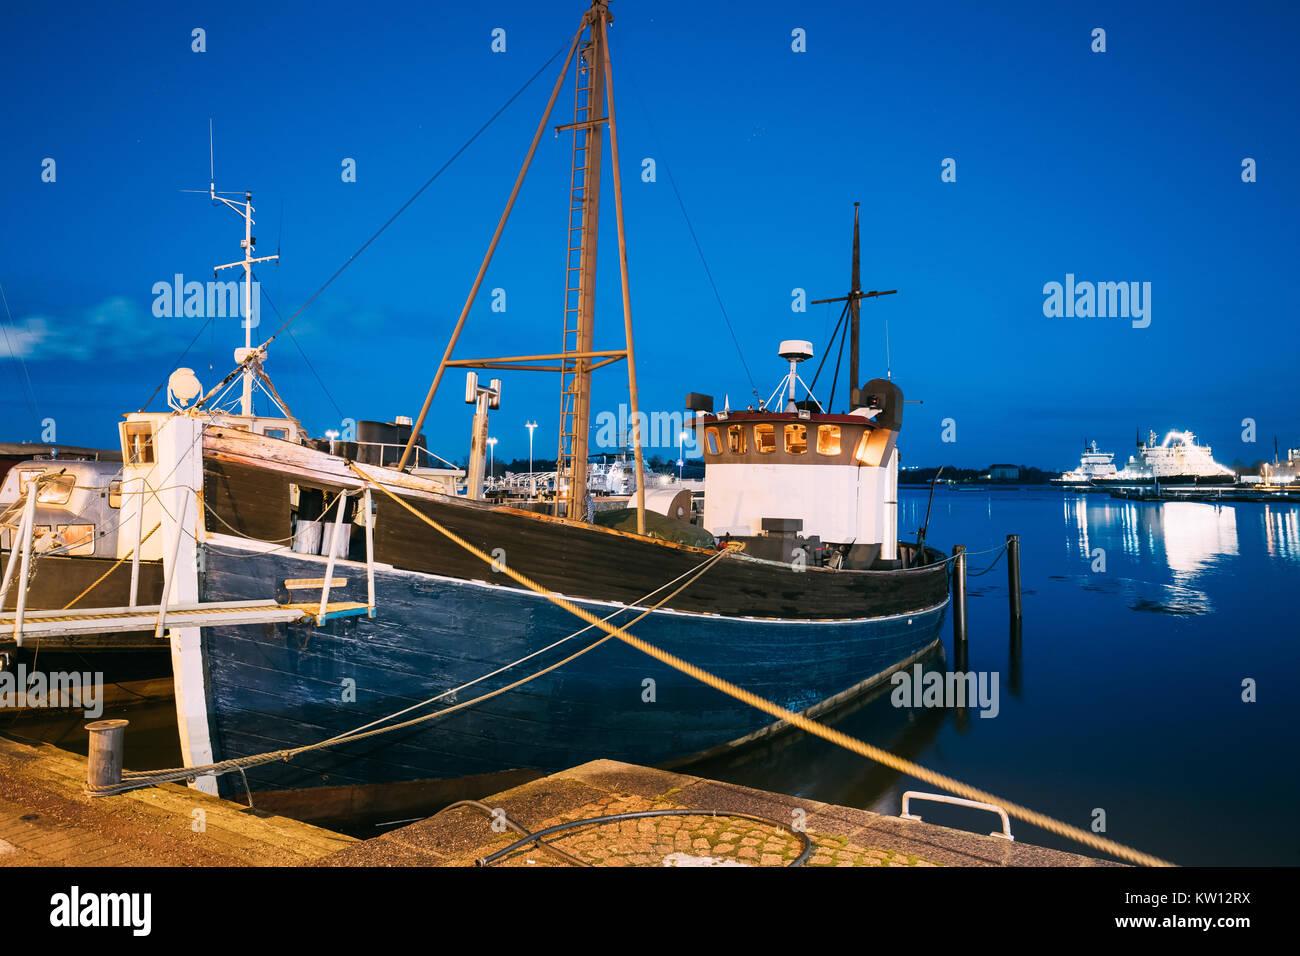 Helsinki, Finnland. Ansicht der Fischerei Marine Boot, Motorboot am Pier in Abend Nacht Illuminationen. Stockbild